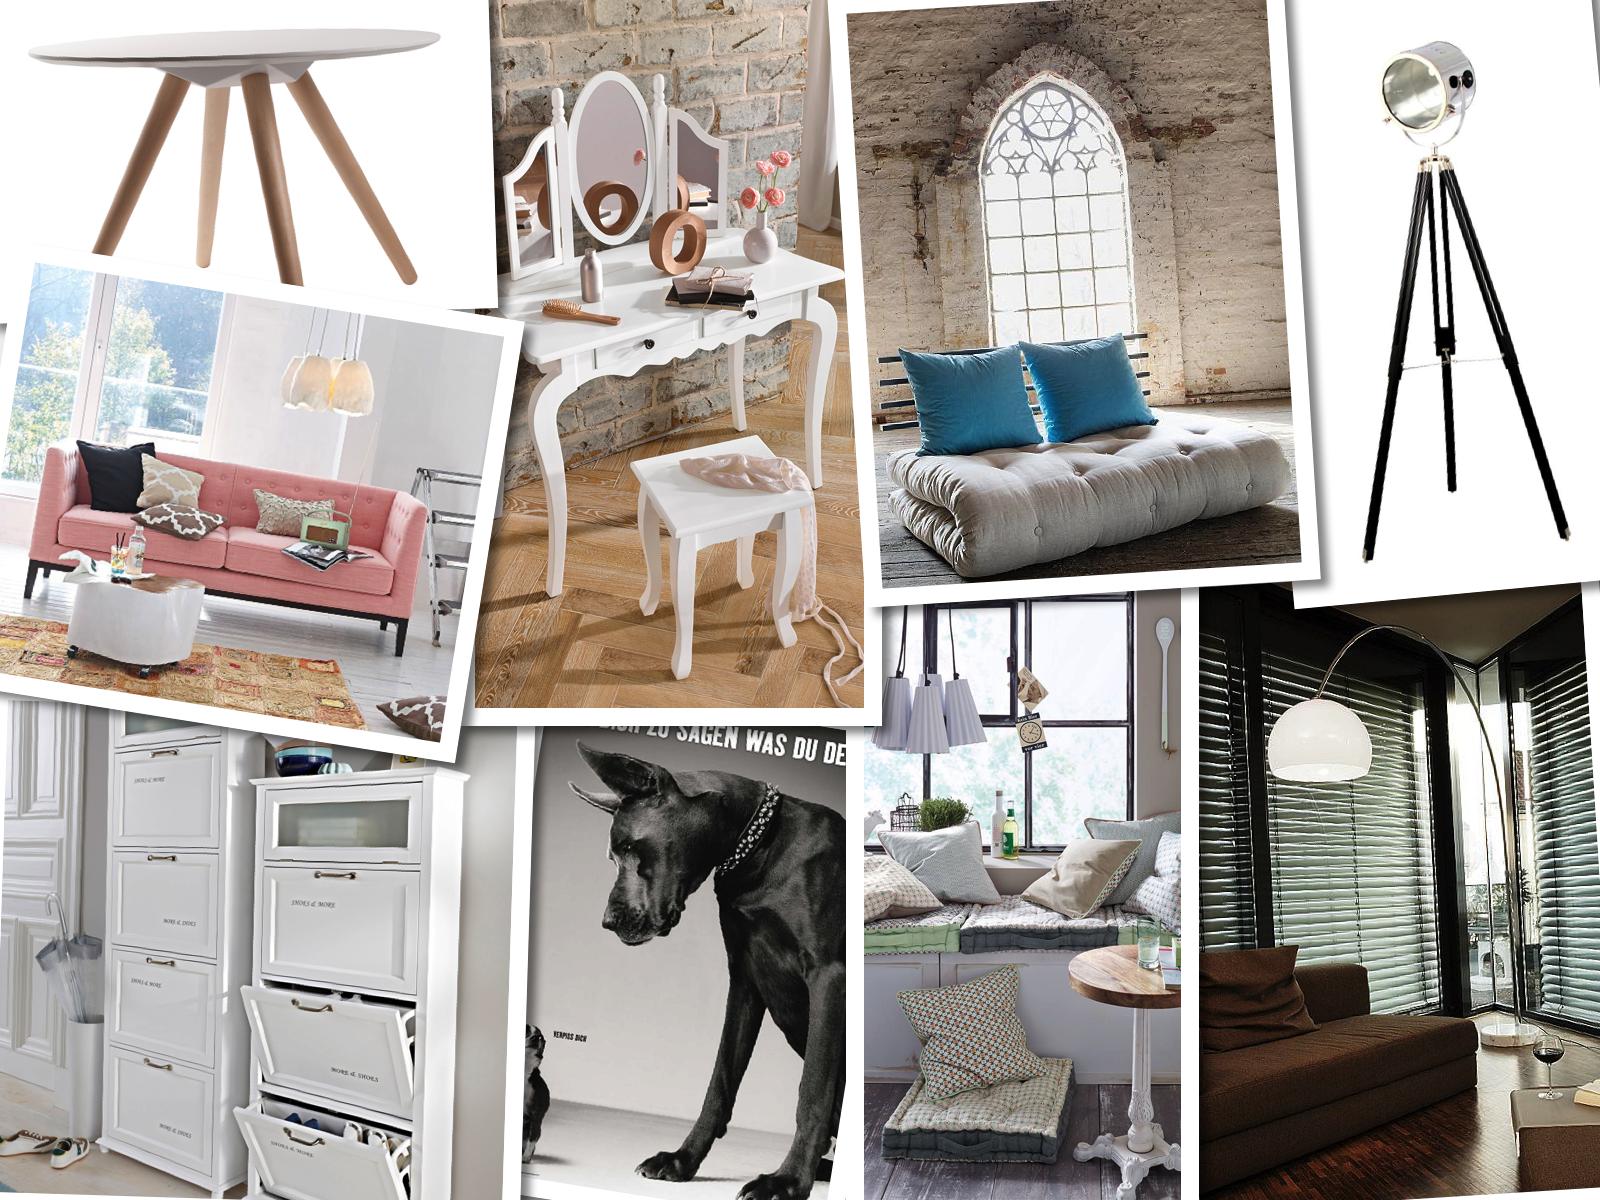 10 Dinge, die dein Zuhause schöner machen #2 - Dinge, die ...